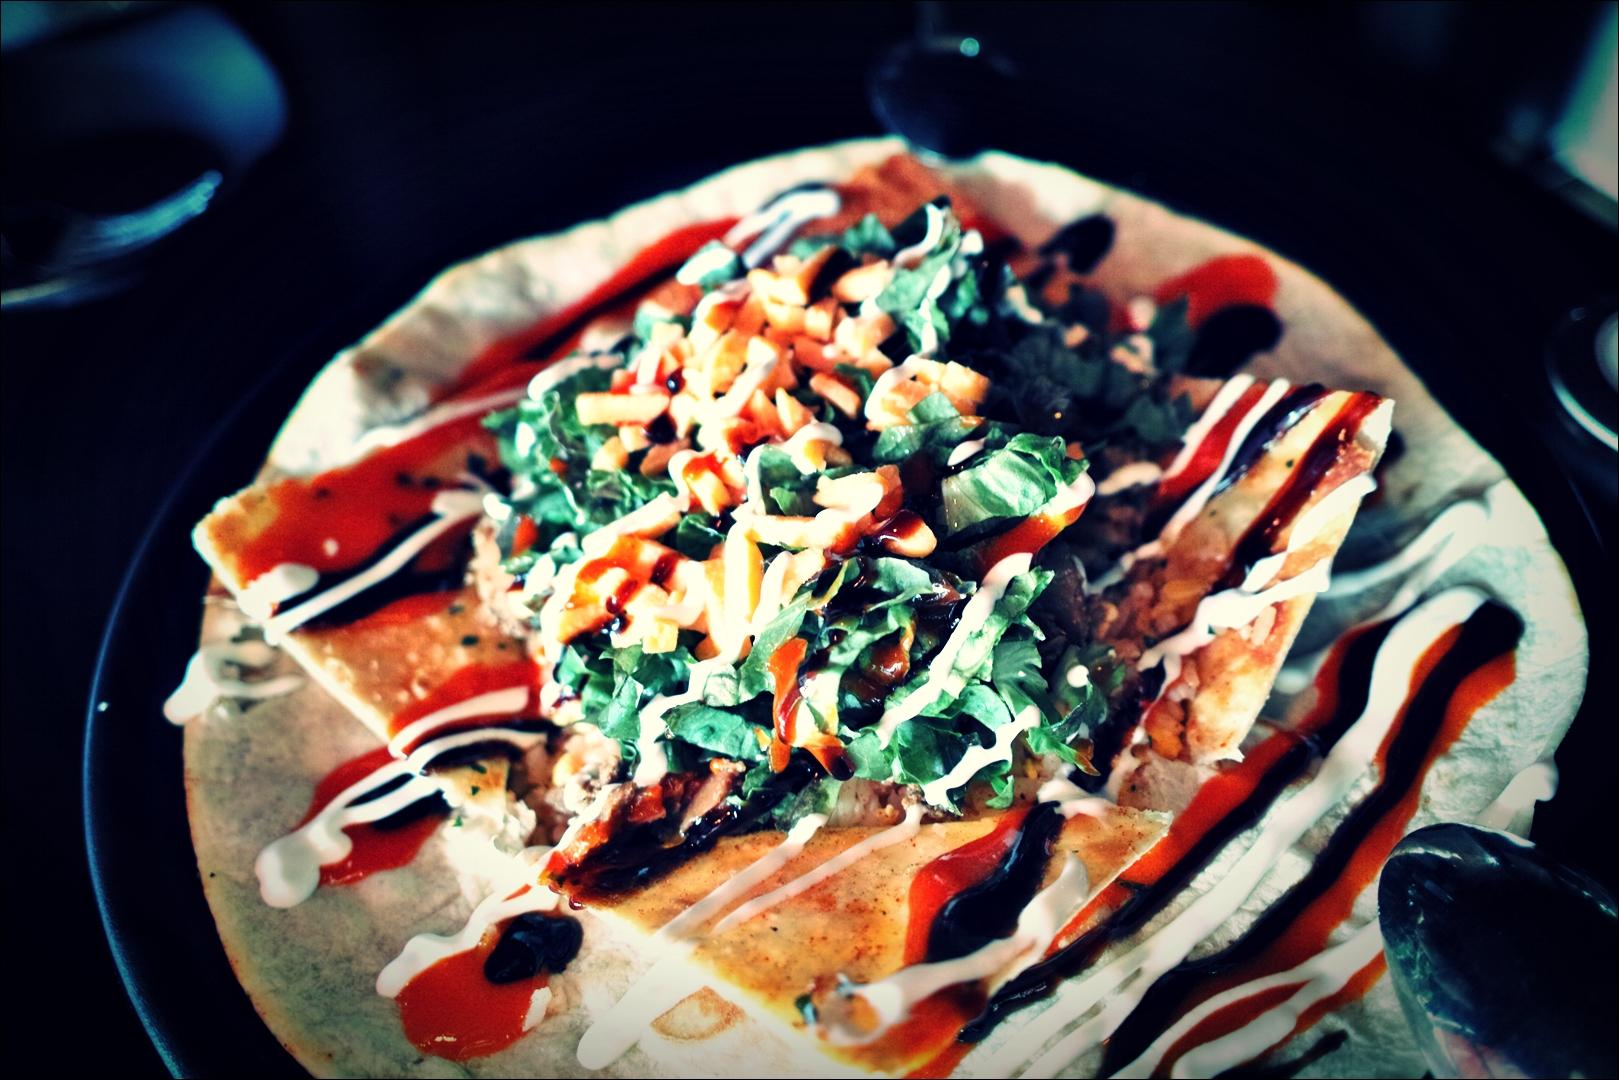 멕시칸 볶음밥-'구월동 타코 씨엘로 Taco Cielo'